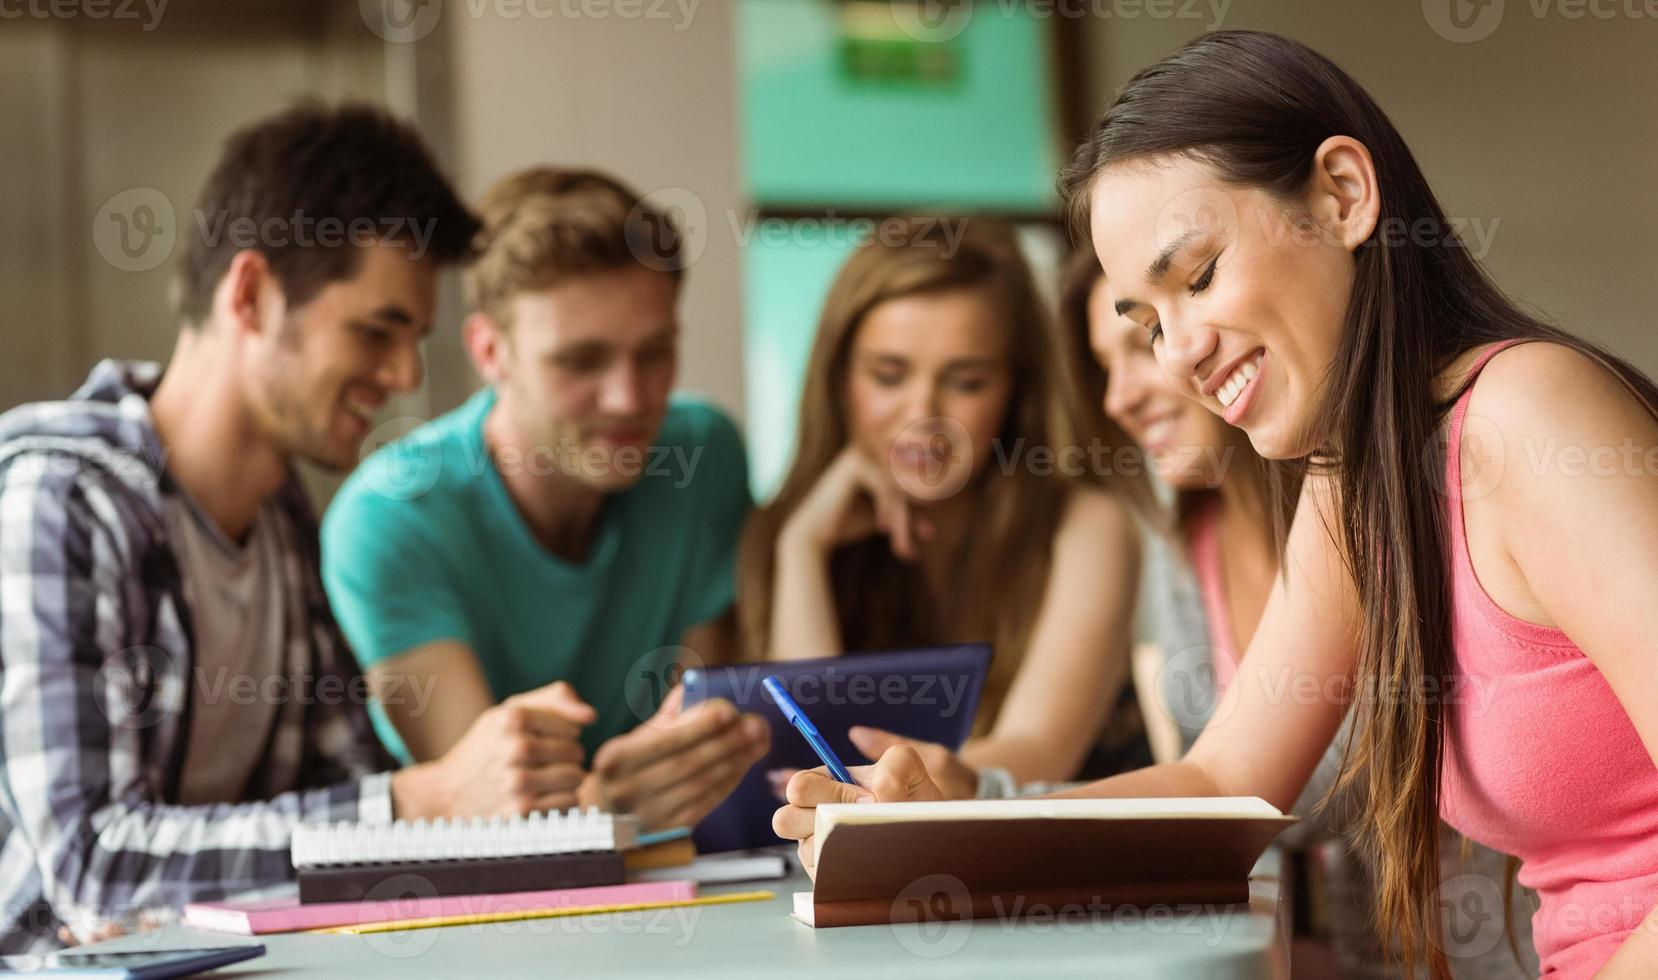 amigos sonrientes sentados estudiando y usando tablet pc foto